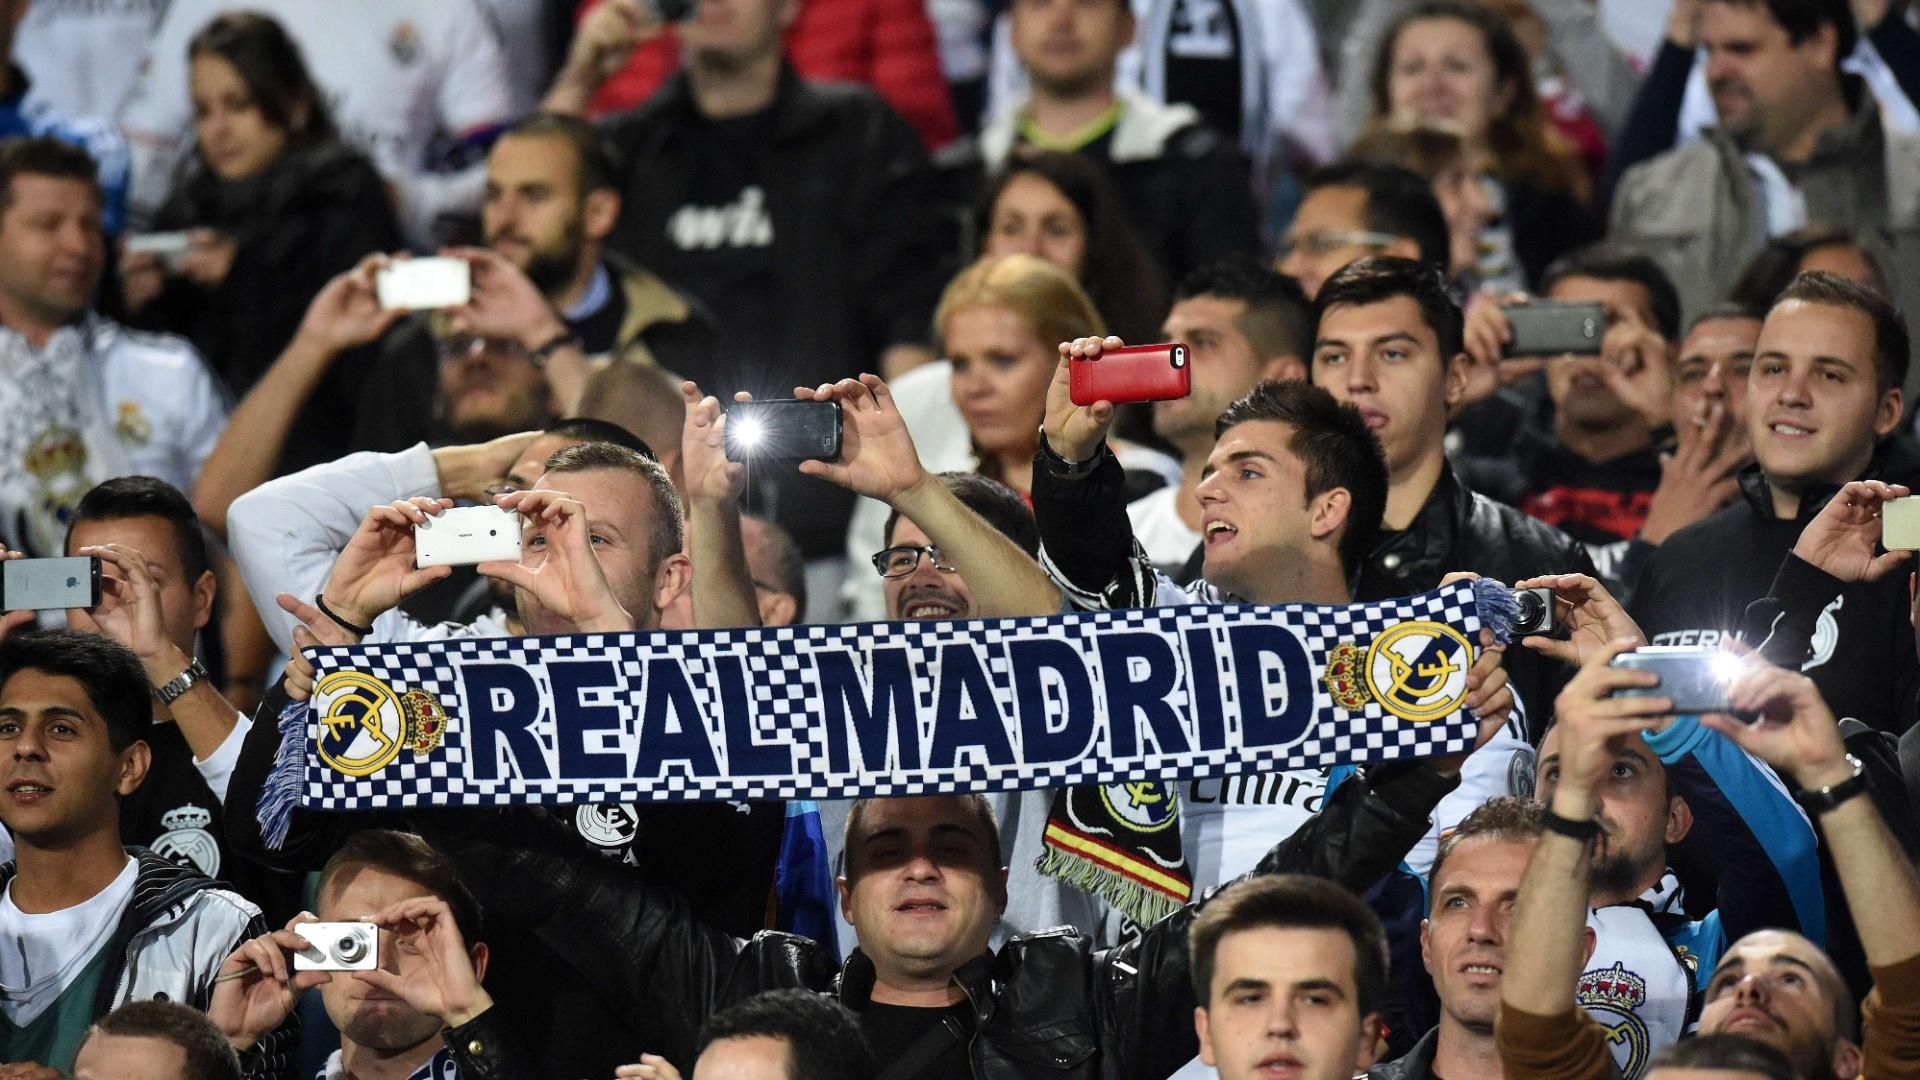 01. out. 2014 - Torcida do Real Madrid apoiam o time na partida contra o Ludogorets Razgrad, pela Liga dos Campeões